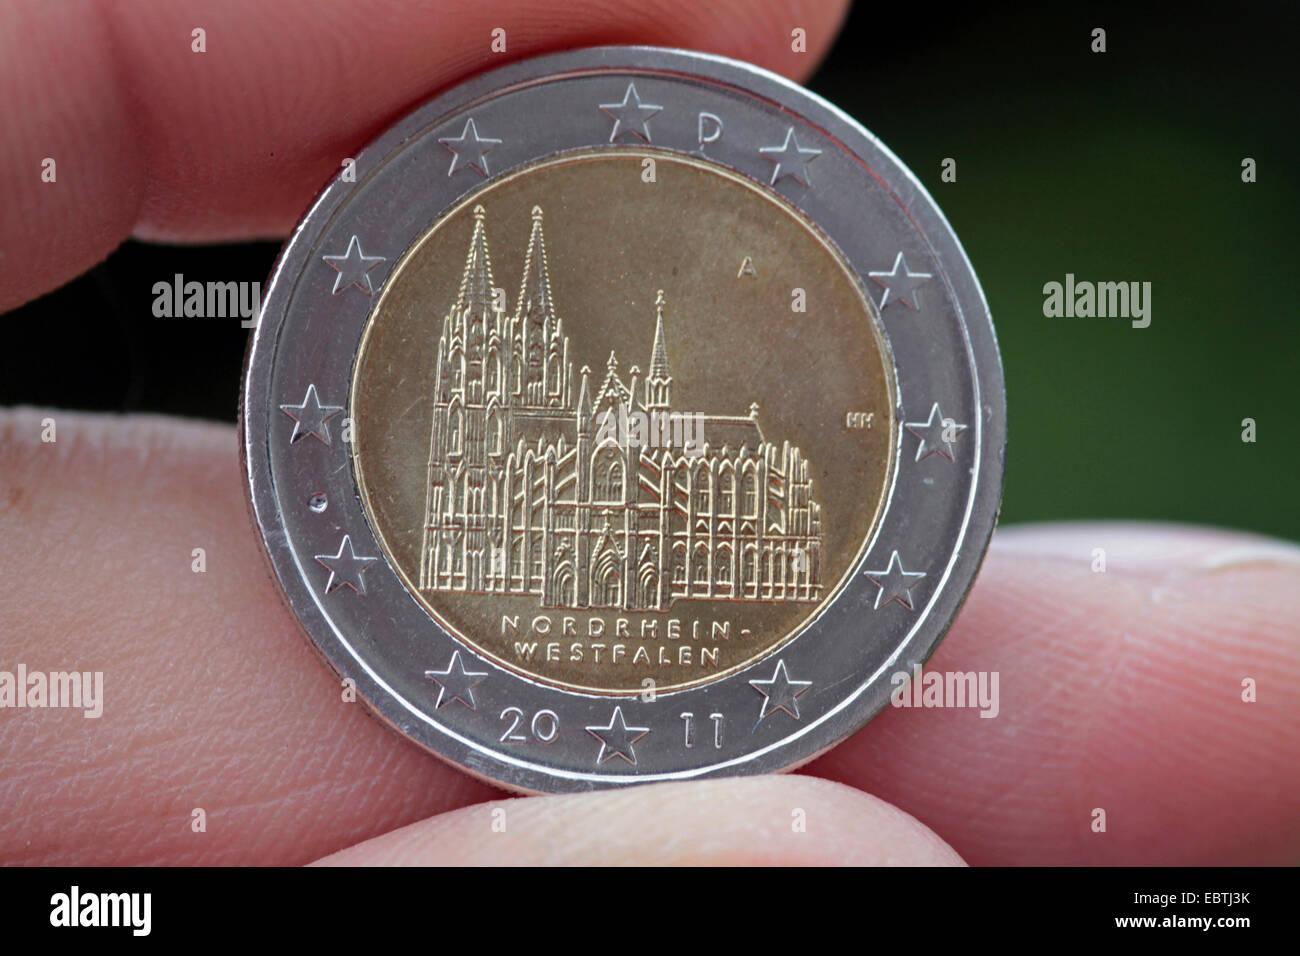 Deutschland Münze Münzen Stockfotos Deutschland Münze Münzen